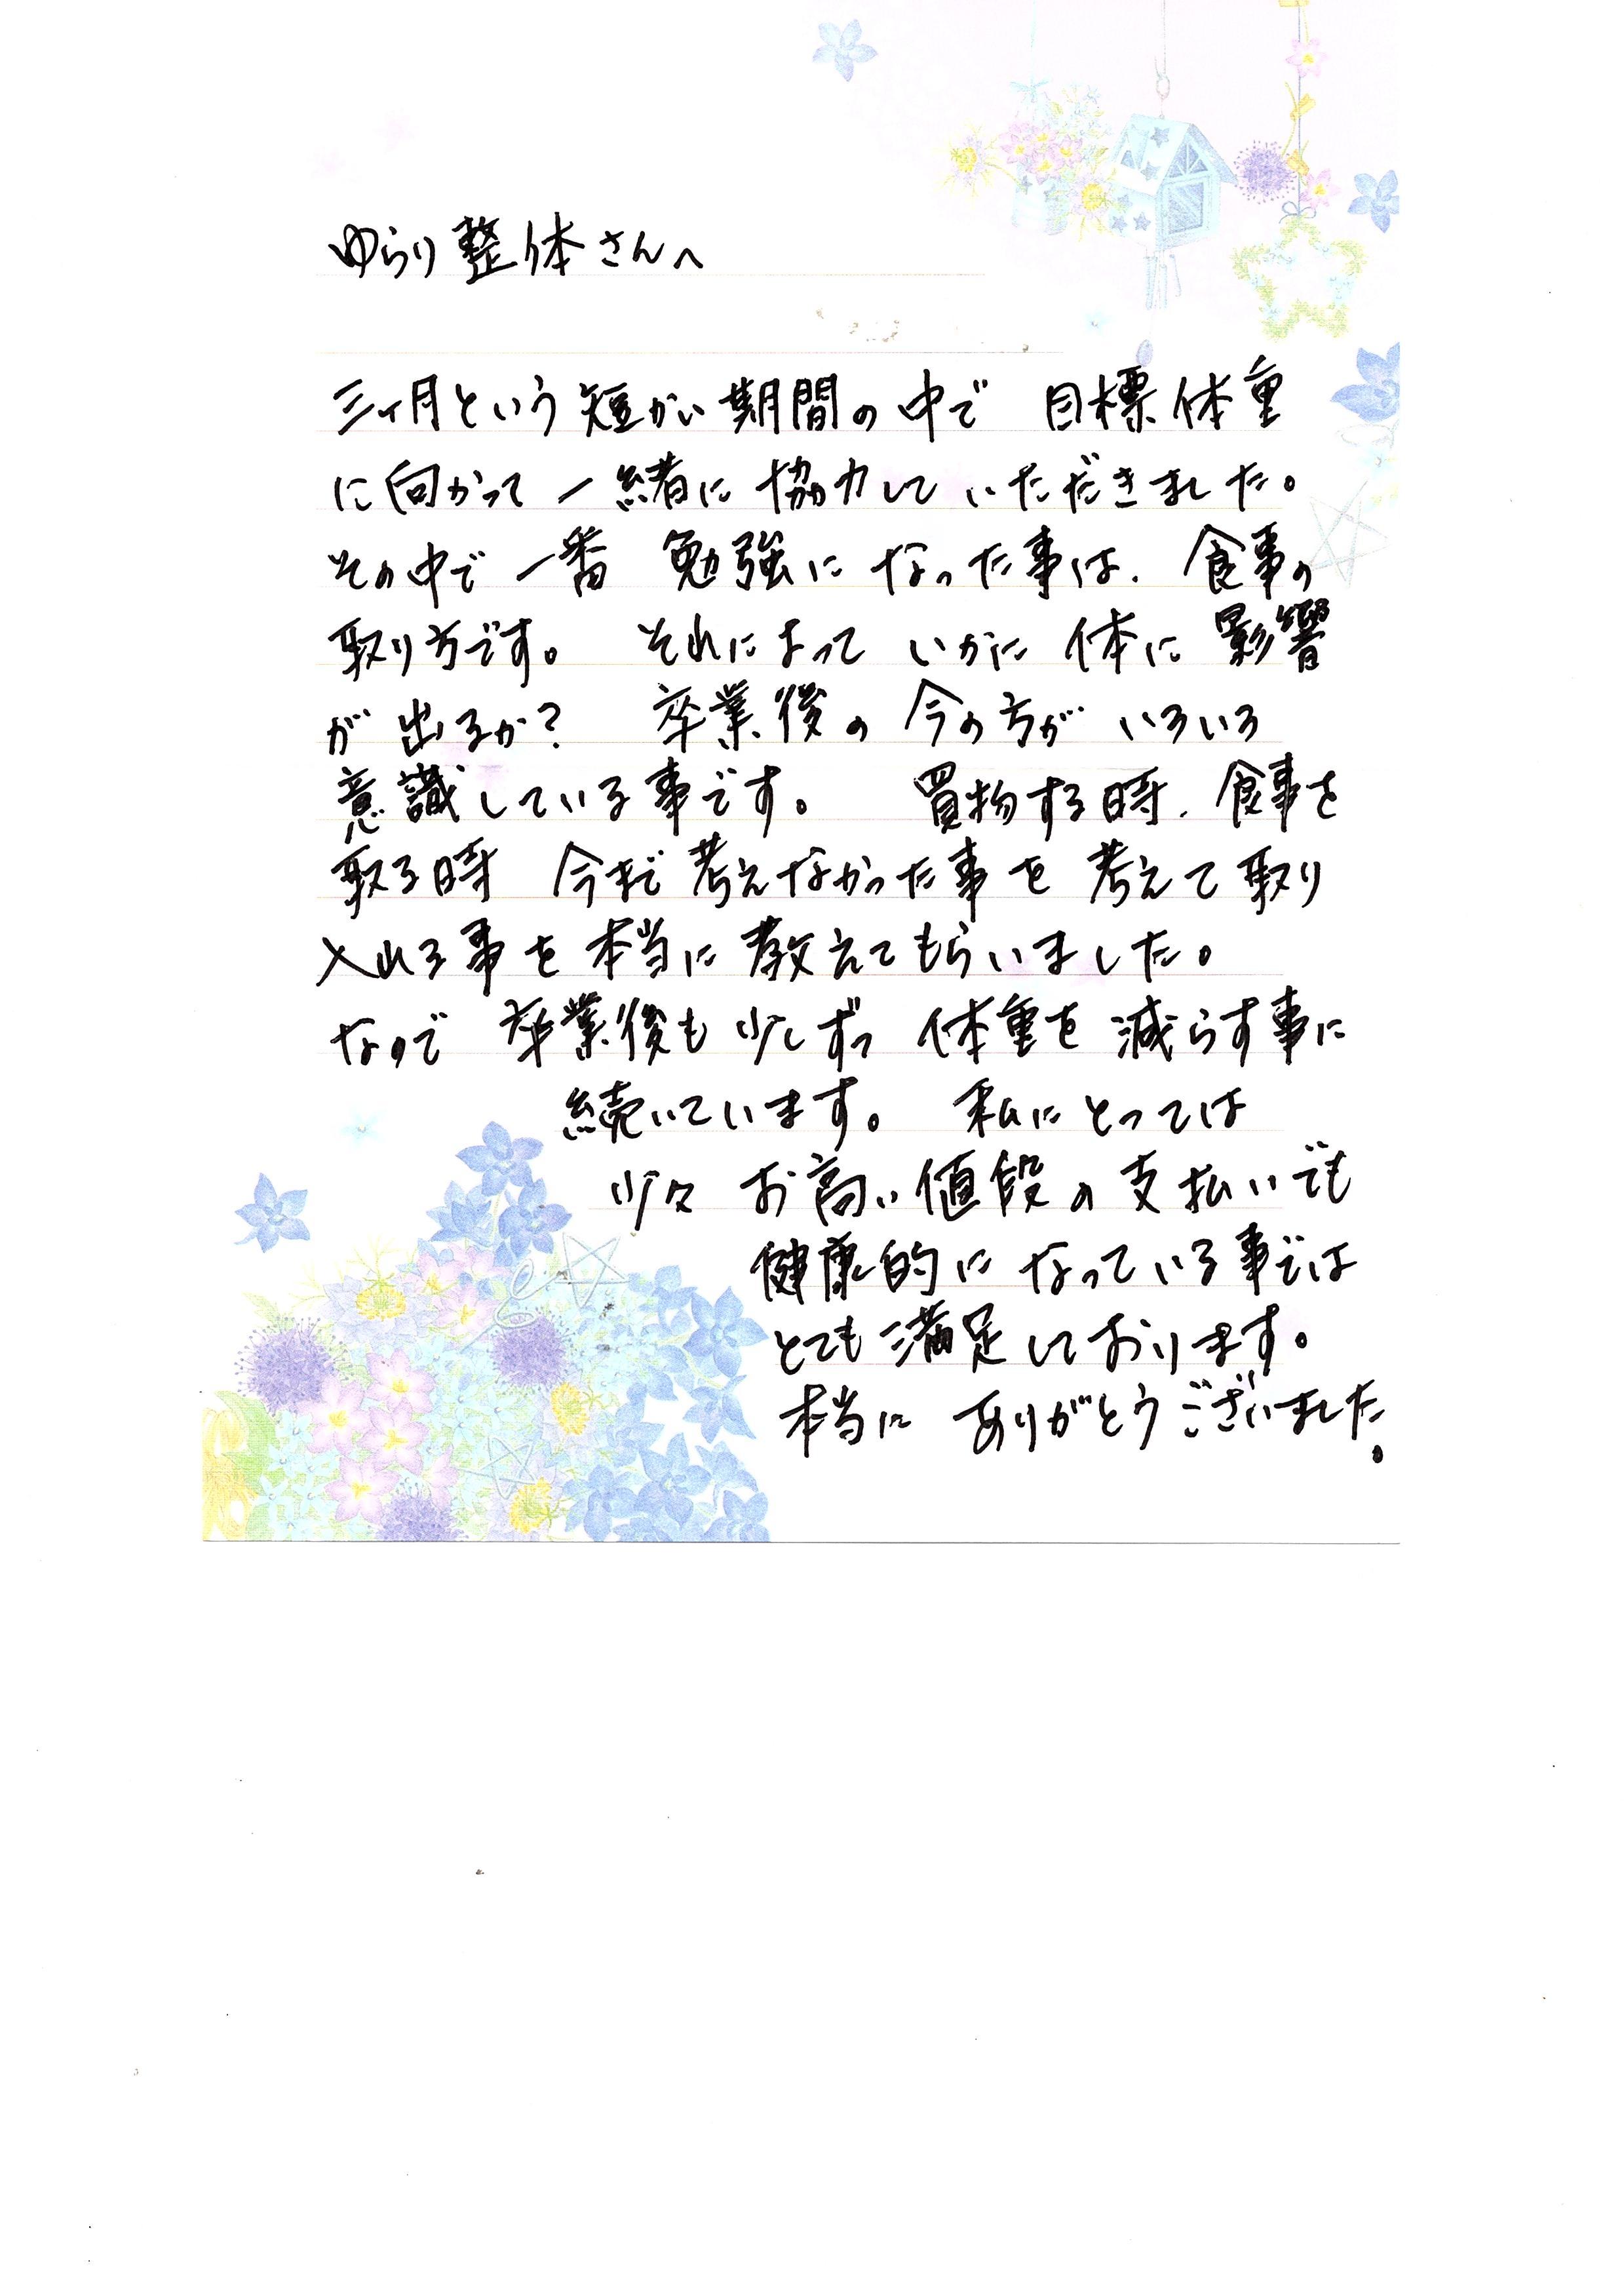 耳ツボダイエット 卒業生からの手紙